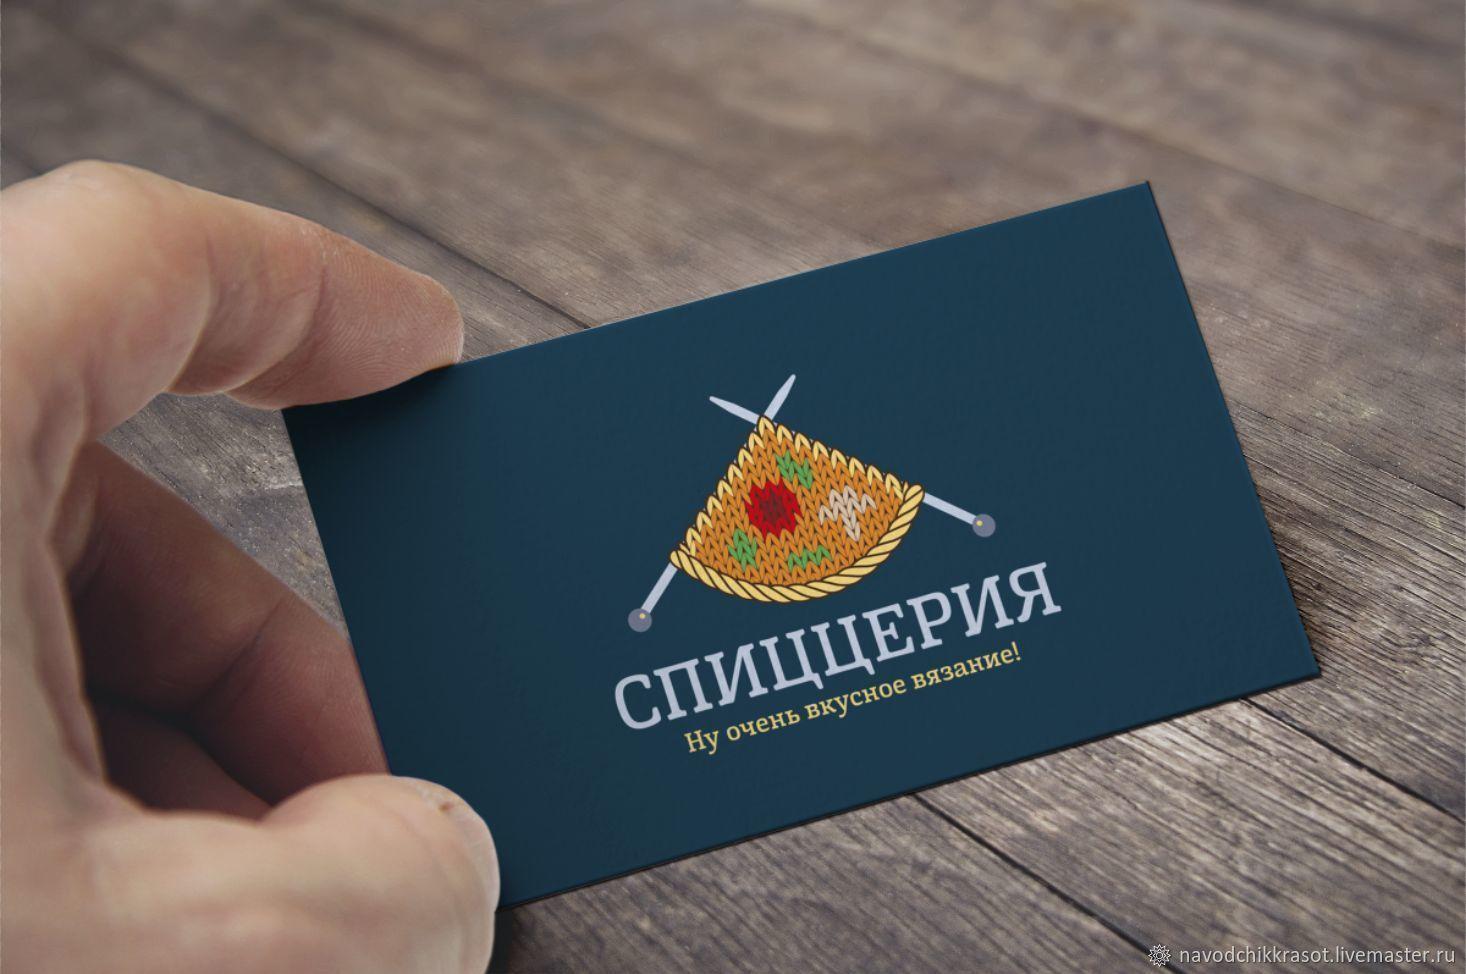 Логотип, визитка, наклейка, нейминг названия и слогана, Визитки, Москва, Фото №1